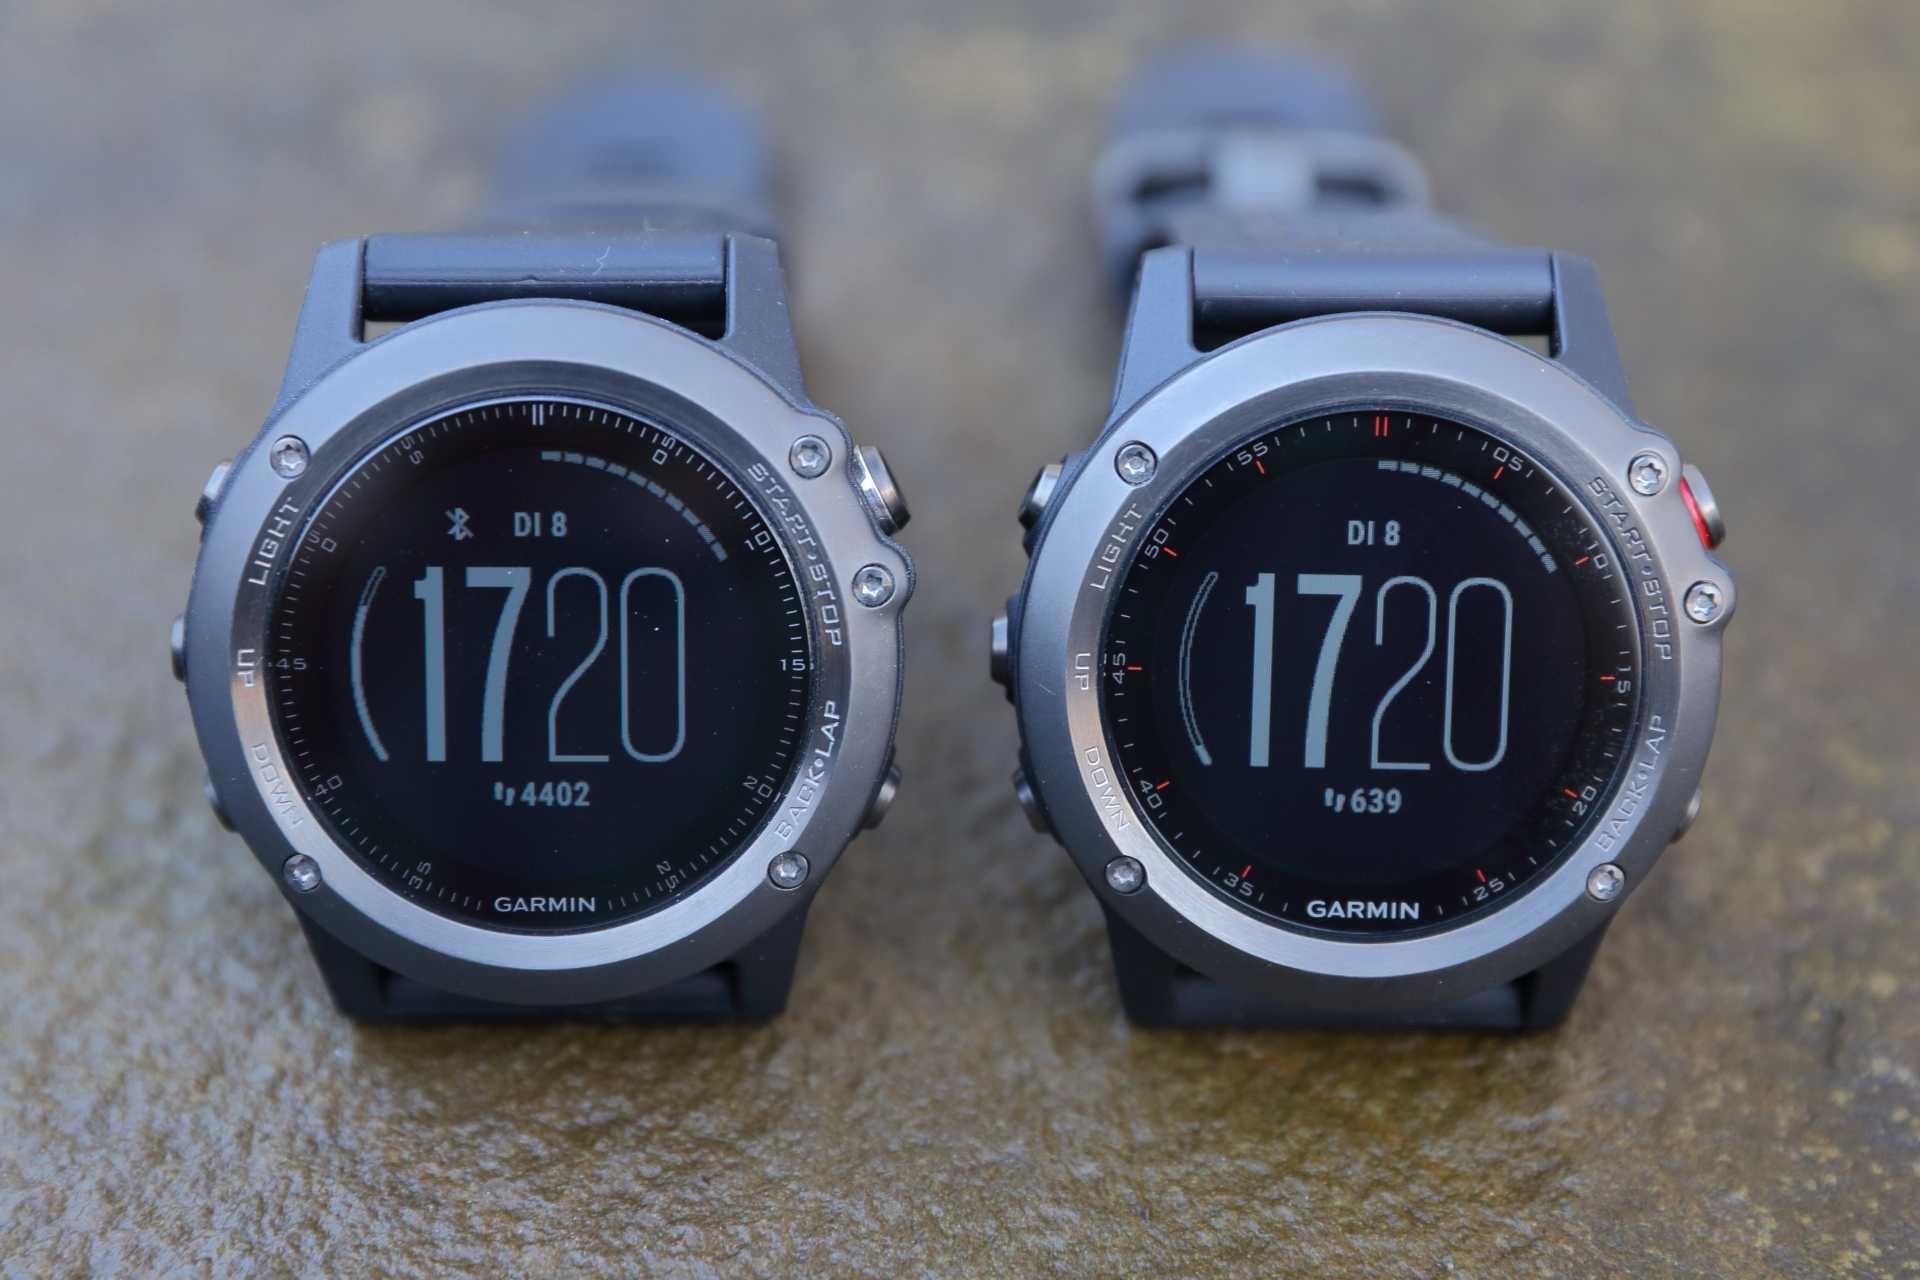 Garmin fenix 6: дизайн умных часов, функционал